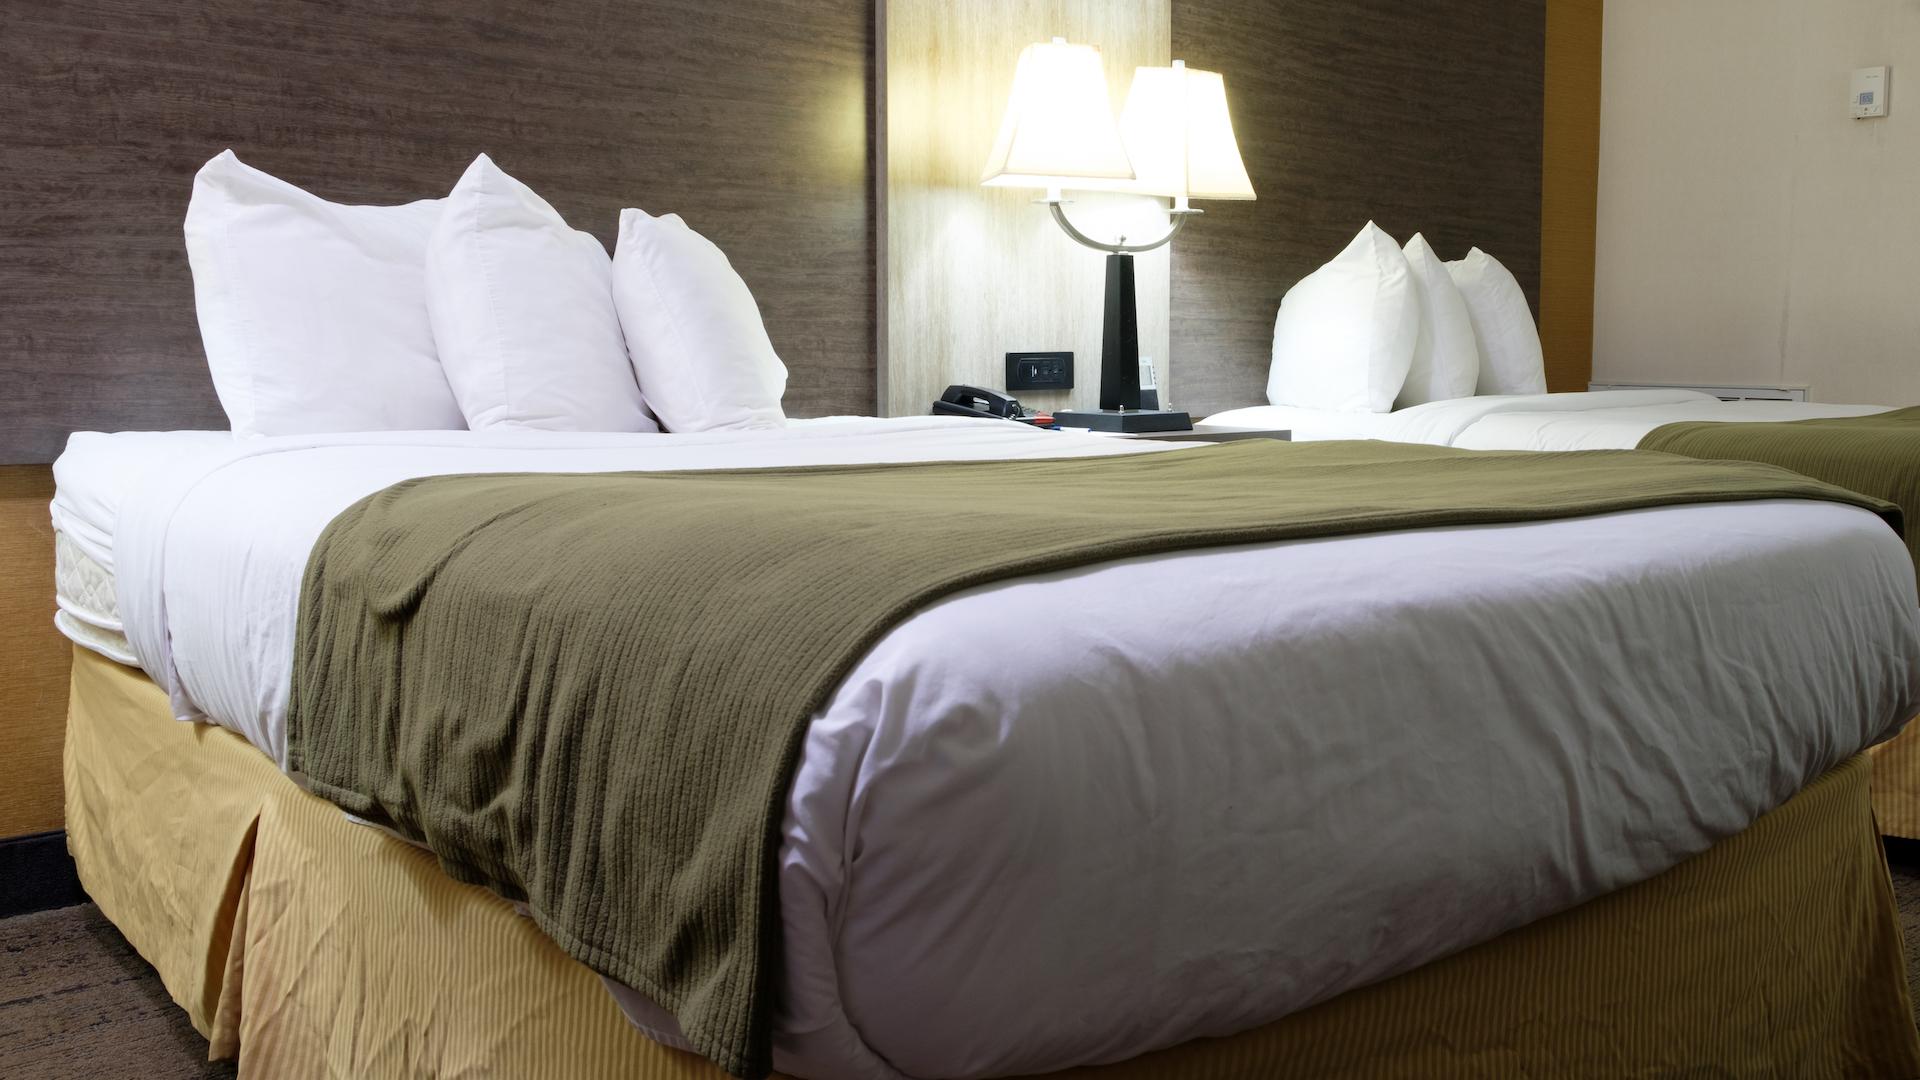 ¿Quiénes tienen que hacer cuarentena en hoteles en Argentina?